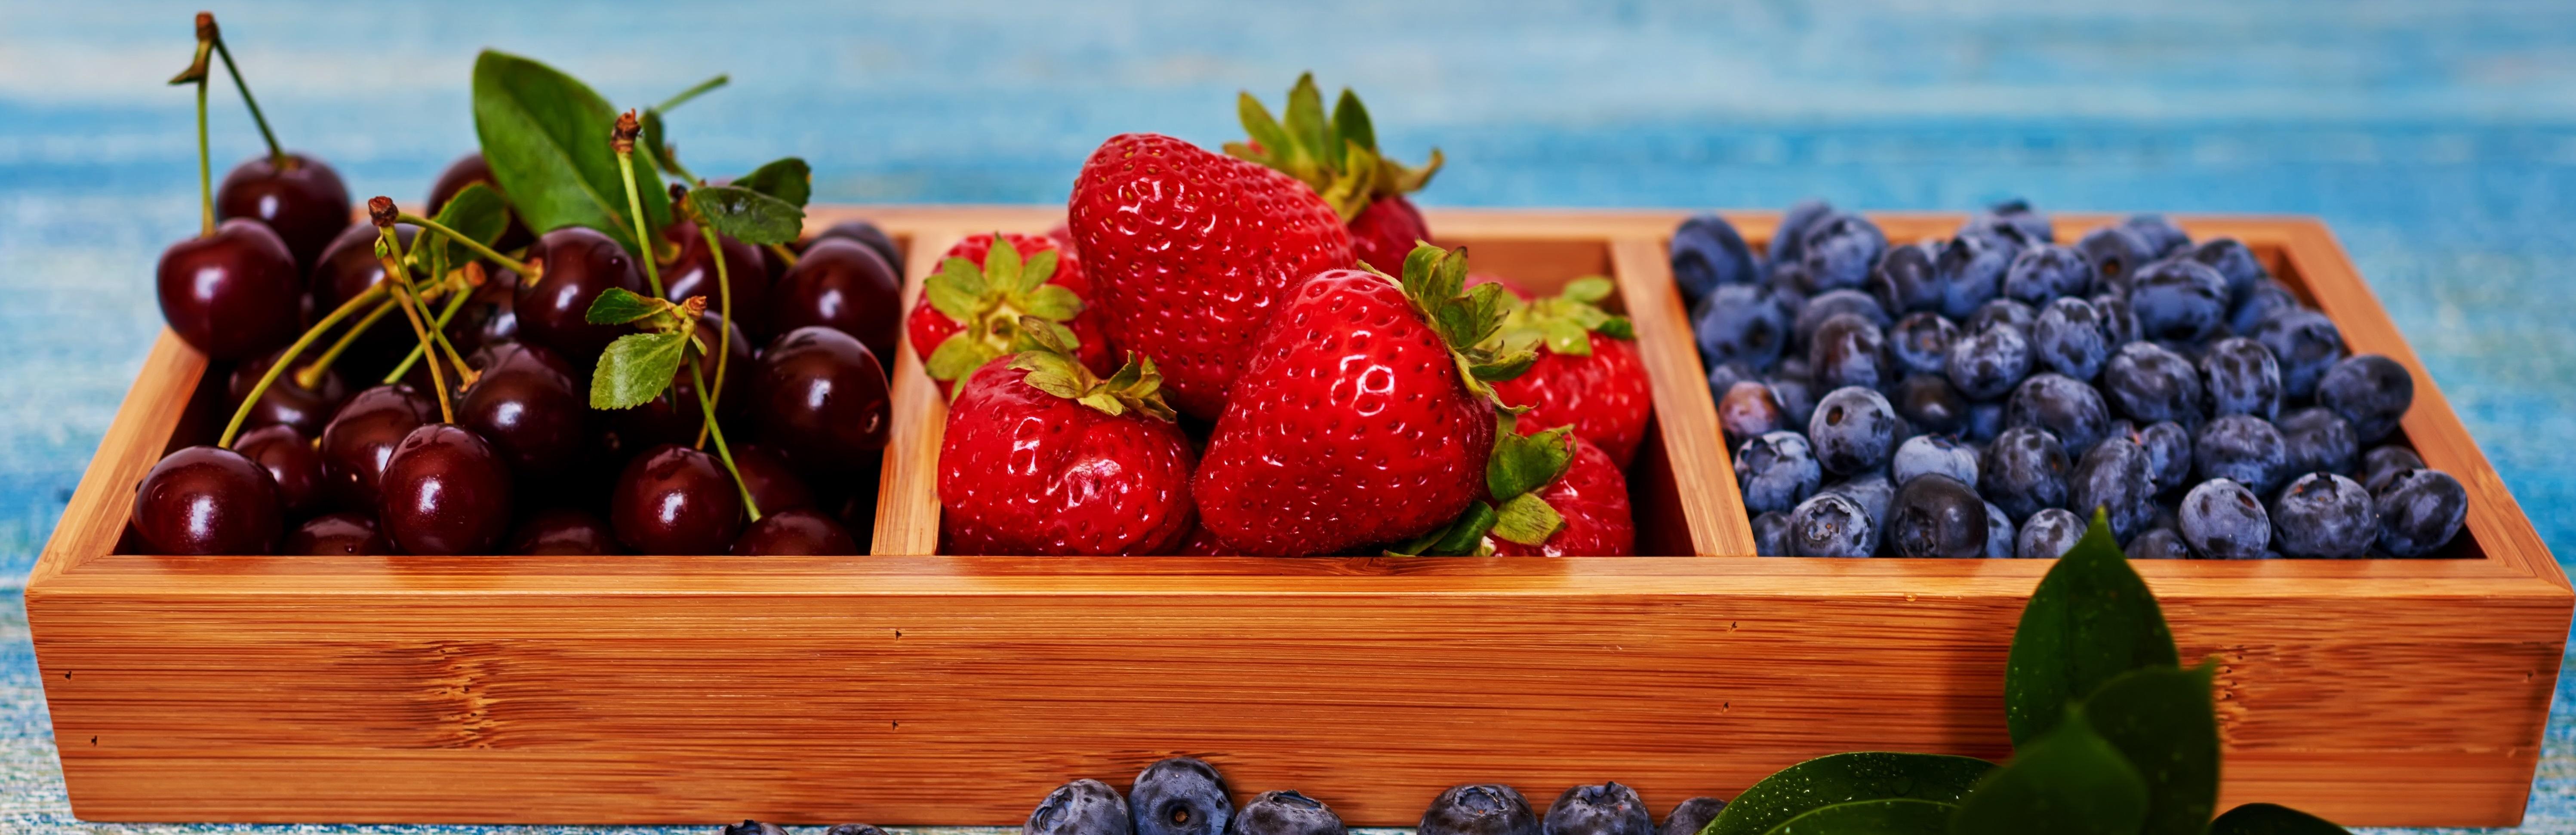 פירות לסוכרתיים